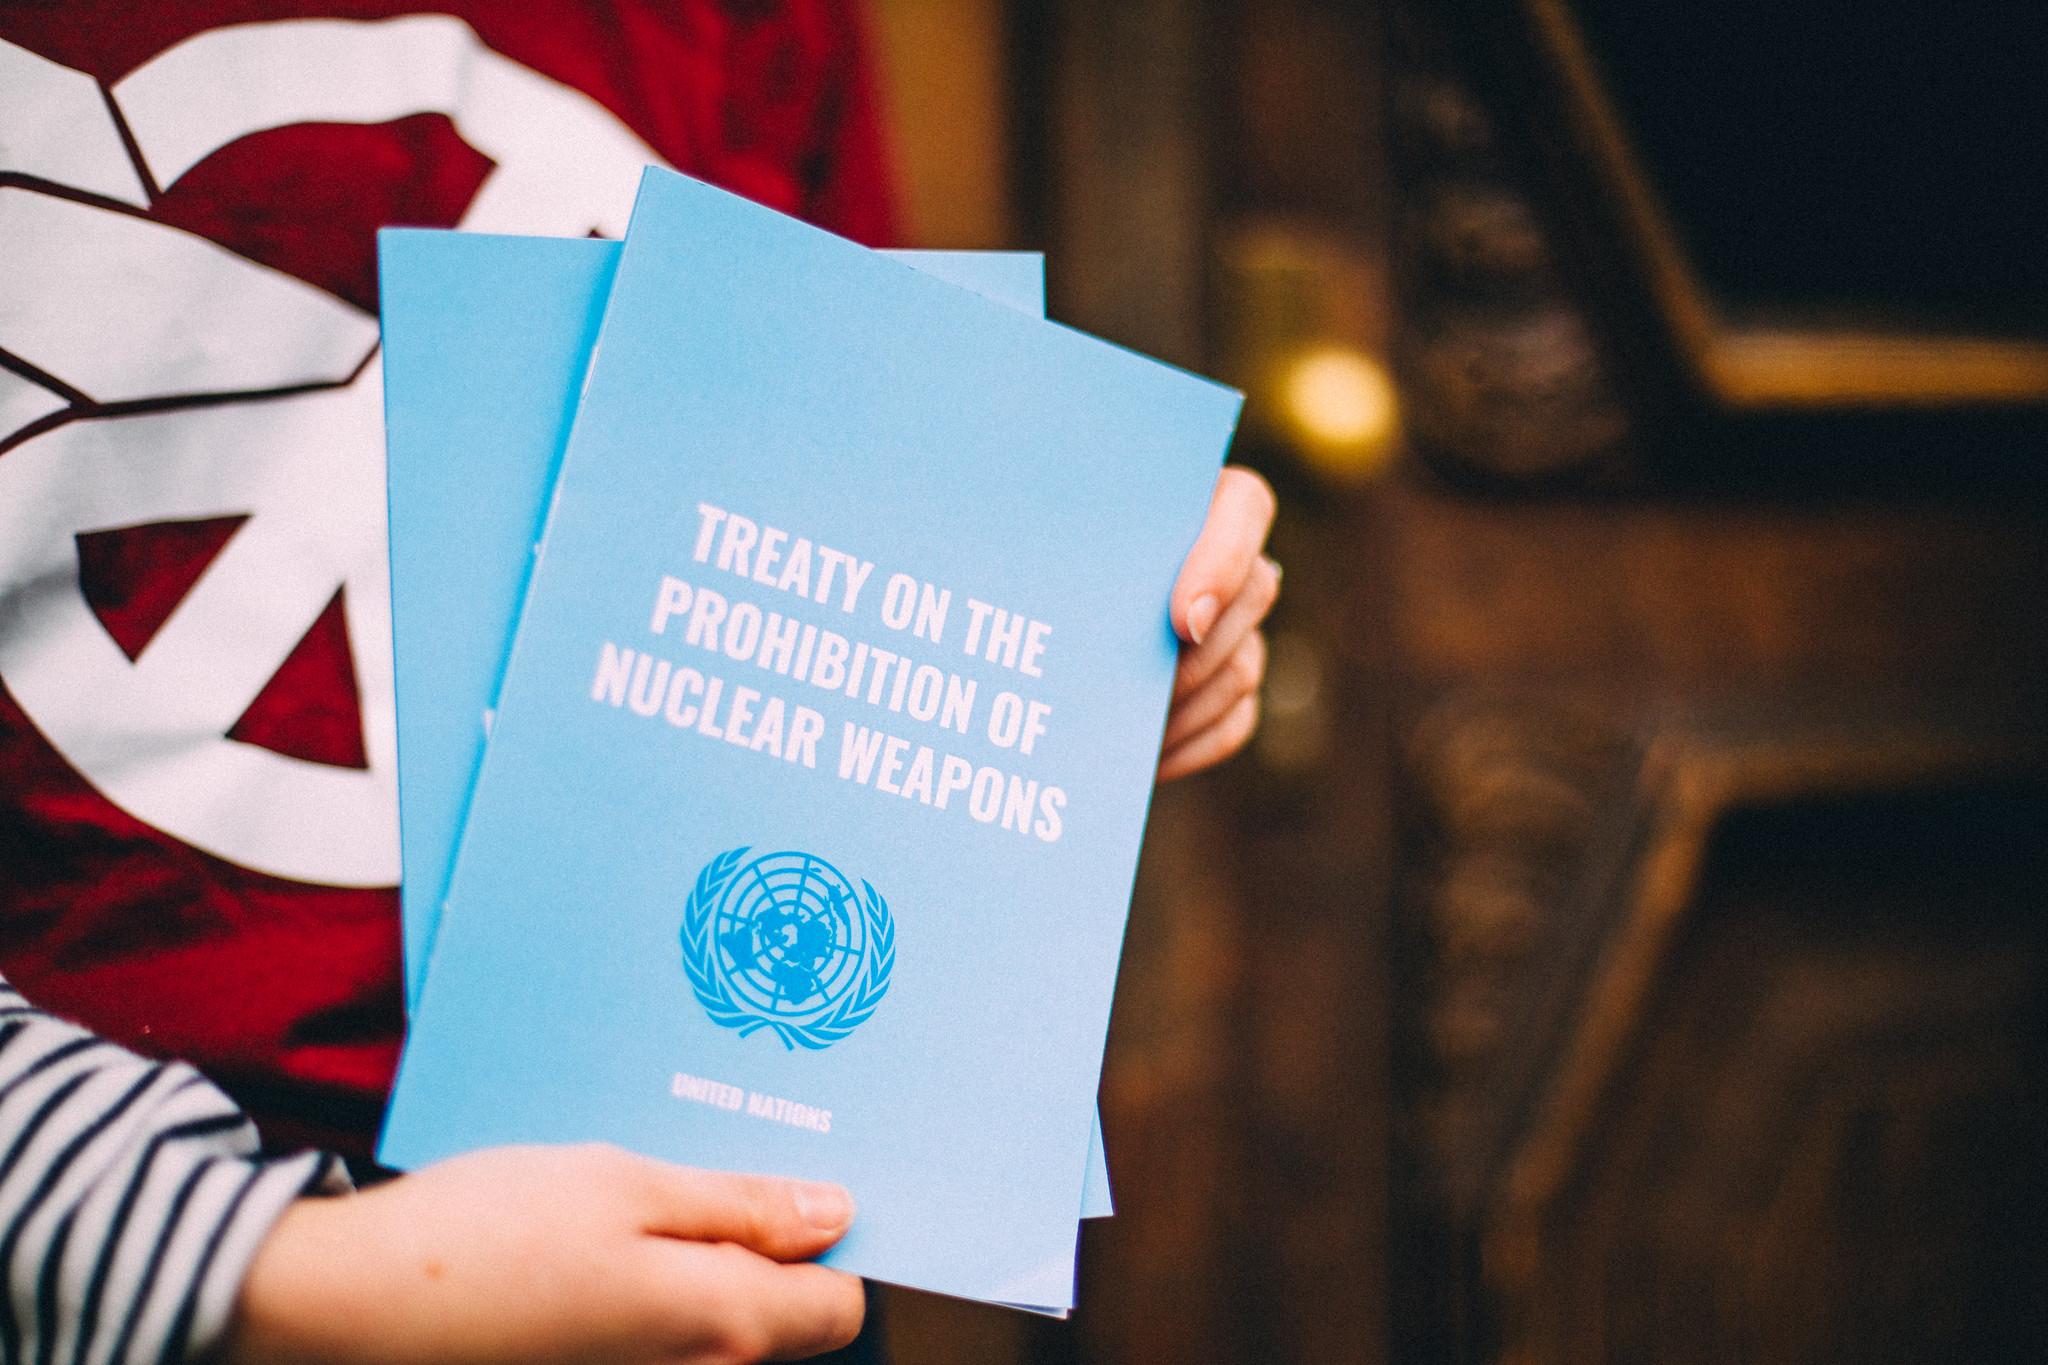 Il Trattato TPNW: strada maestra contro la minaccia distruttiva delle armi nucleari